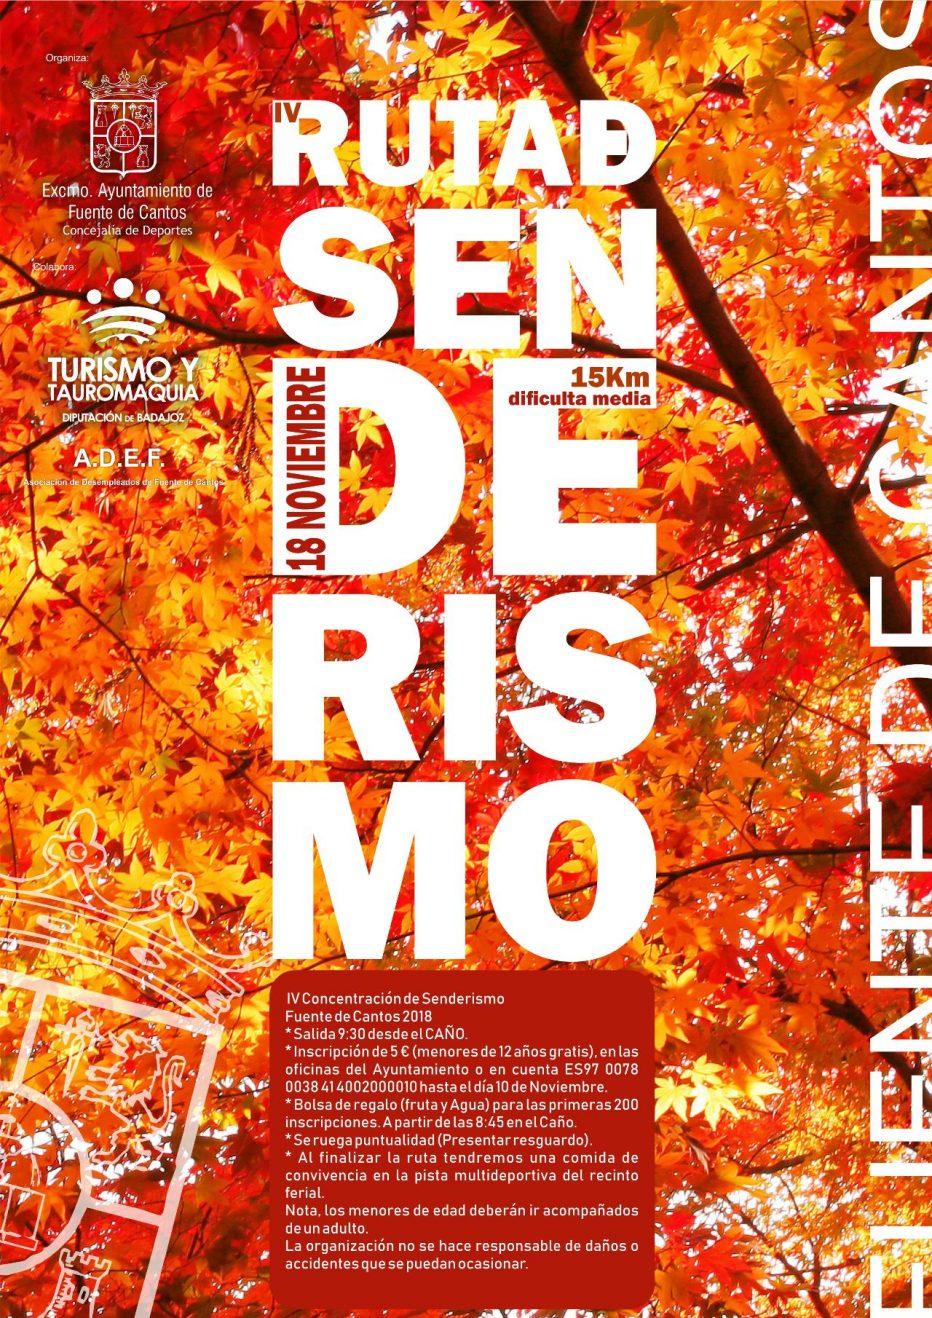 18N. IV Ruta de Senderismo 2018 – Fuente de Canto